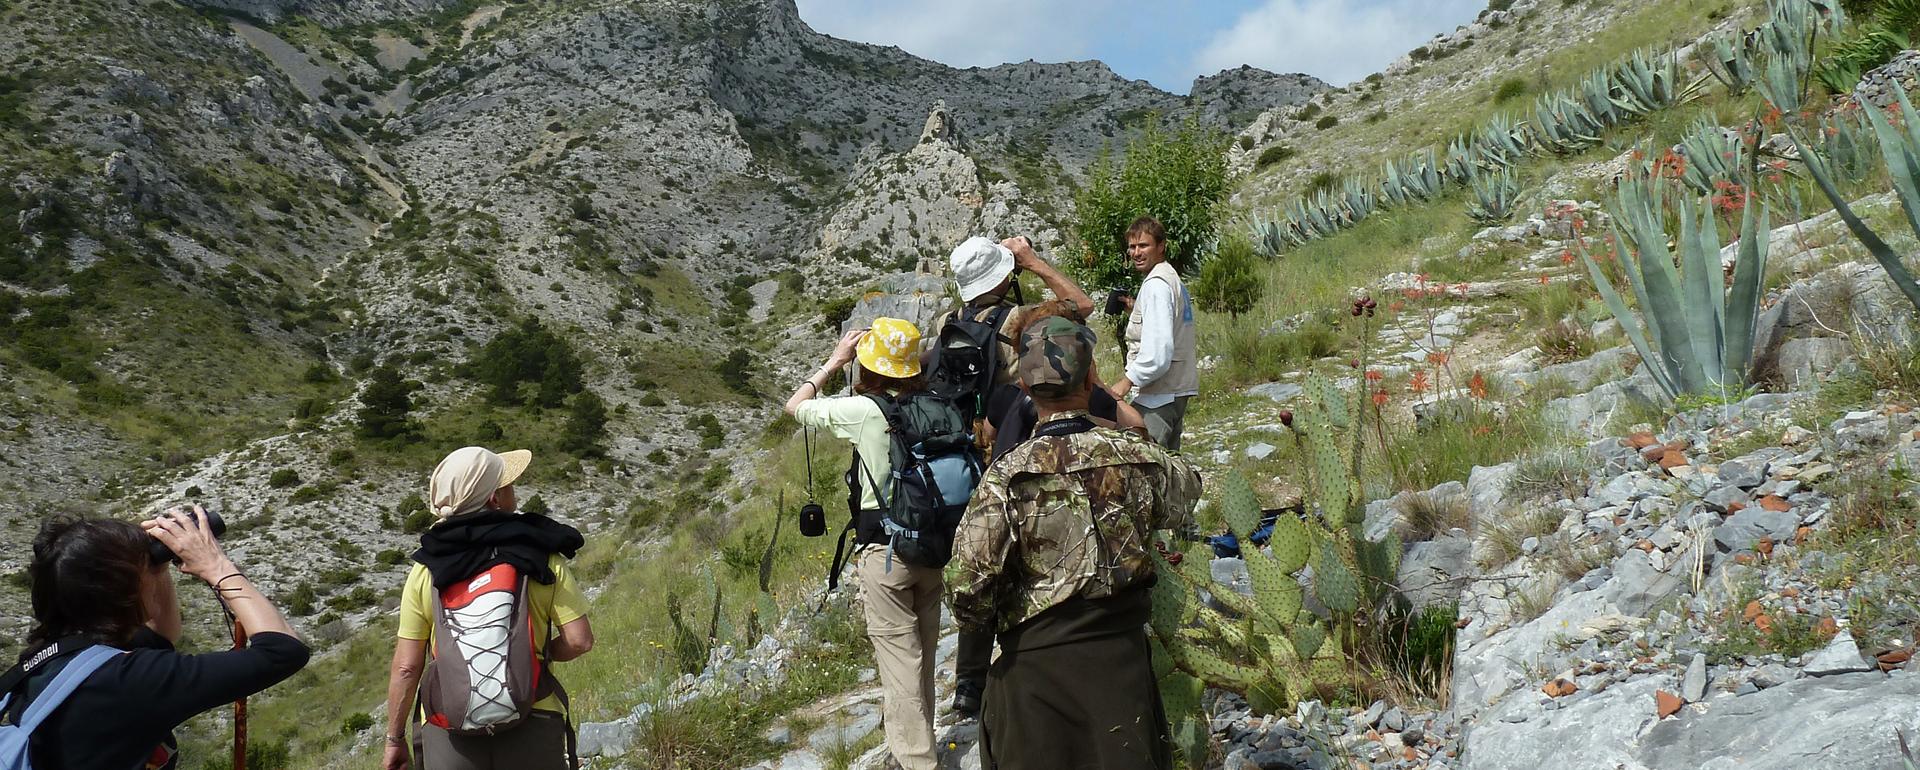 Observation des oiseaux en migrationParc naturel de la Narbonnaise